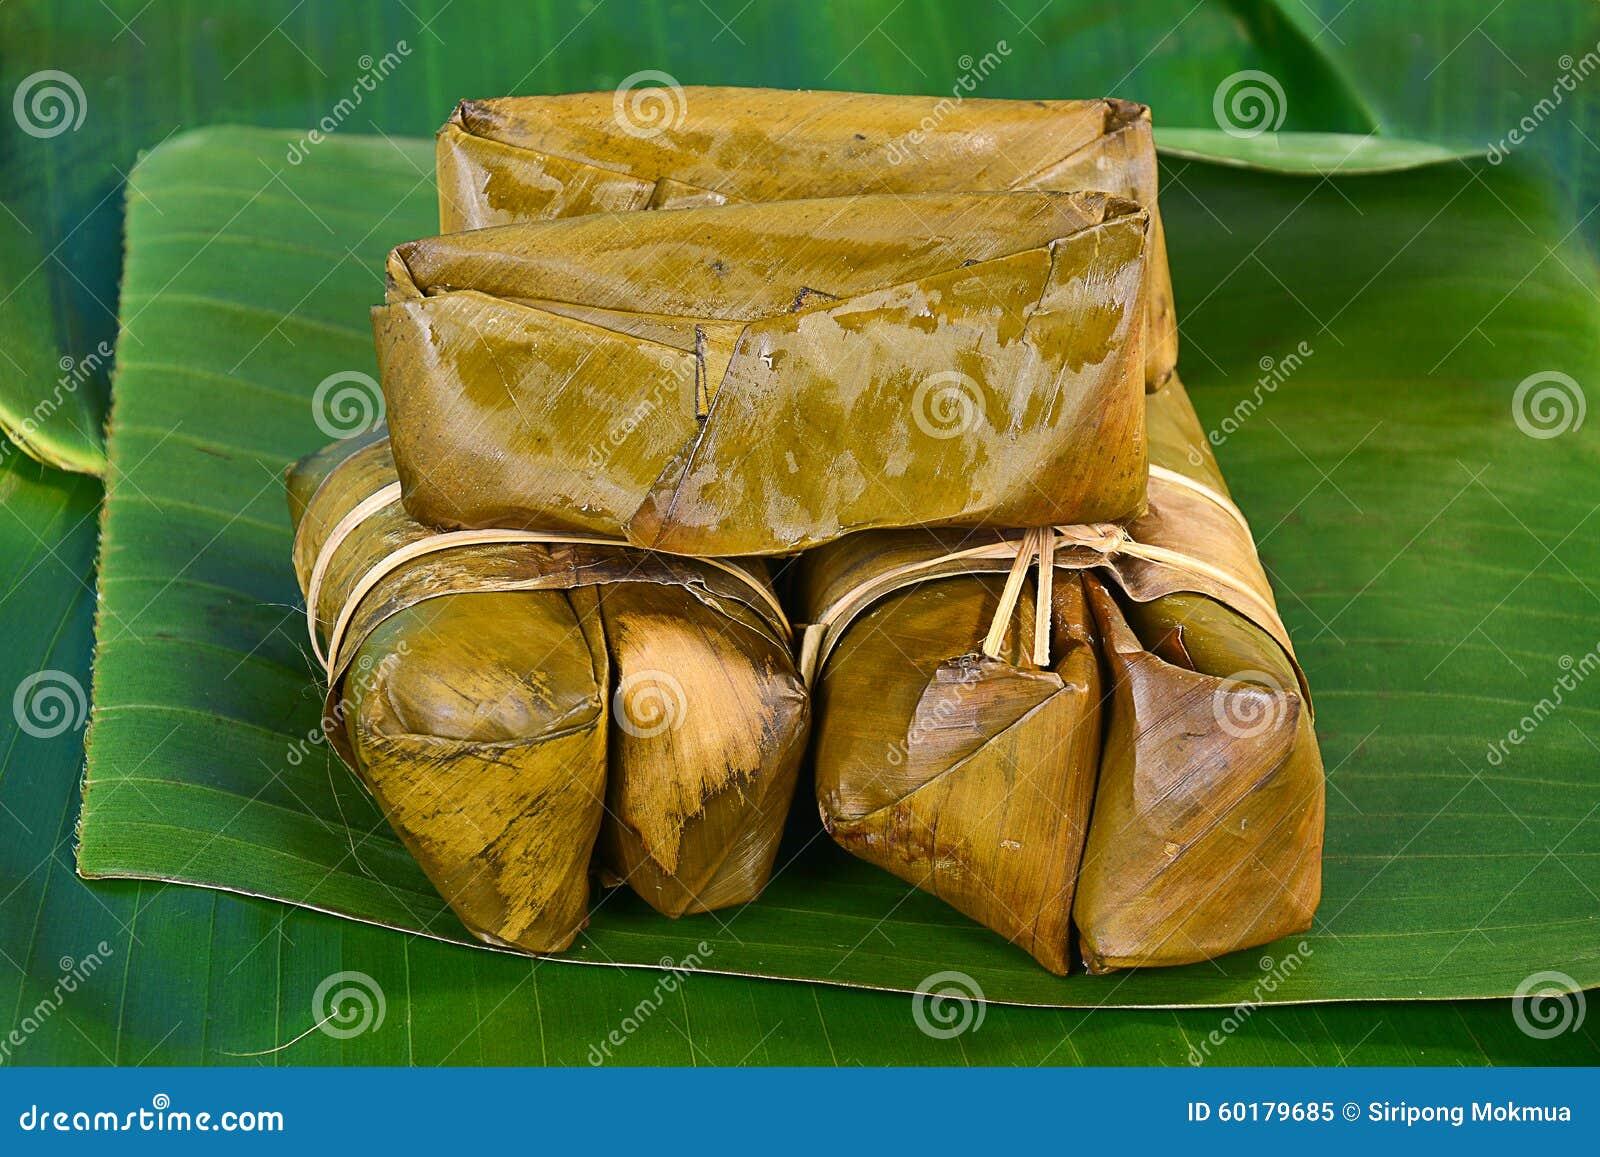 Tajlandzka cukierki wiązka mush na bananowym liściu